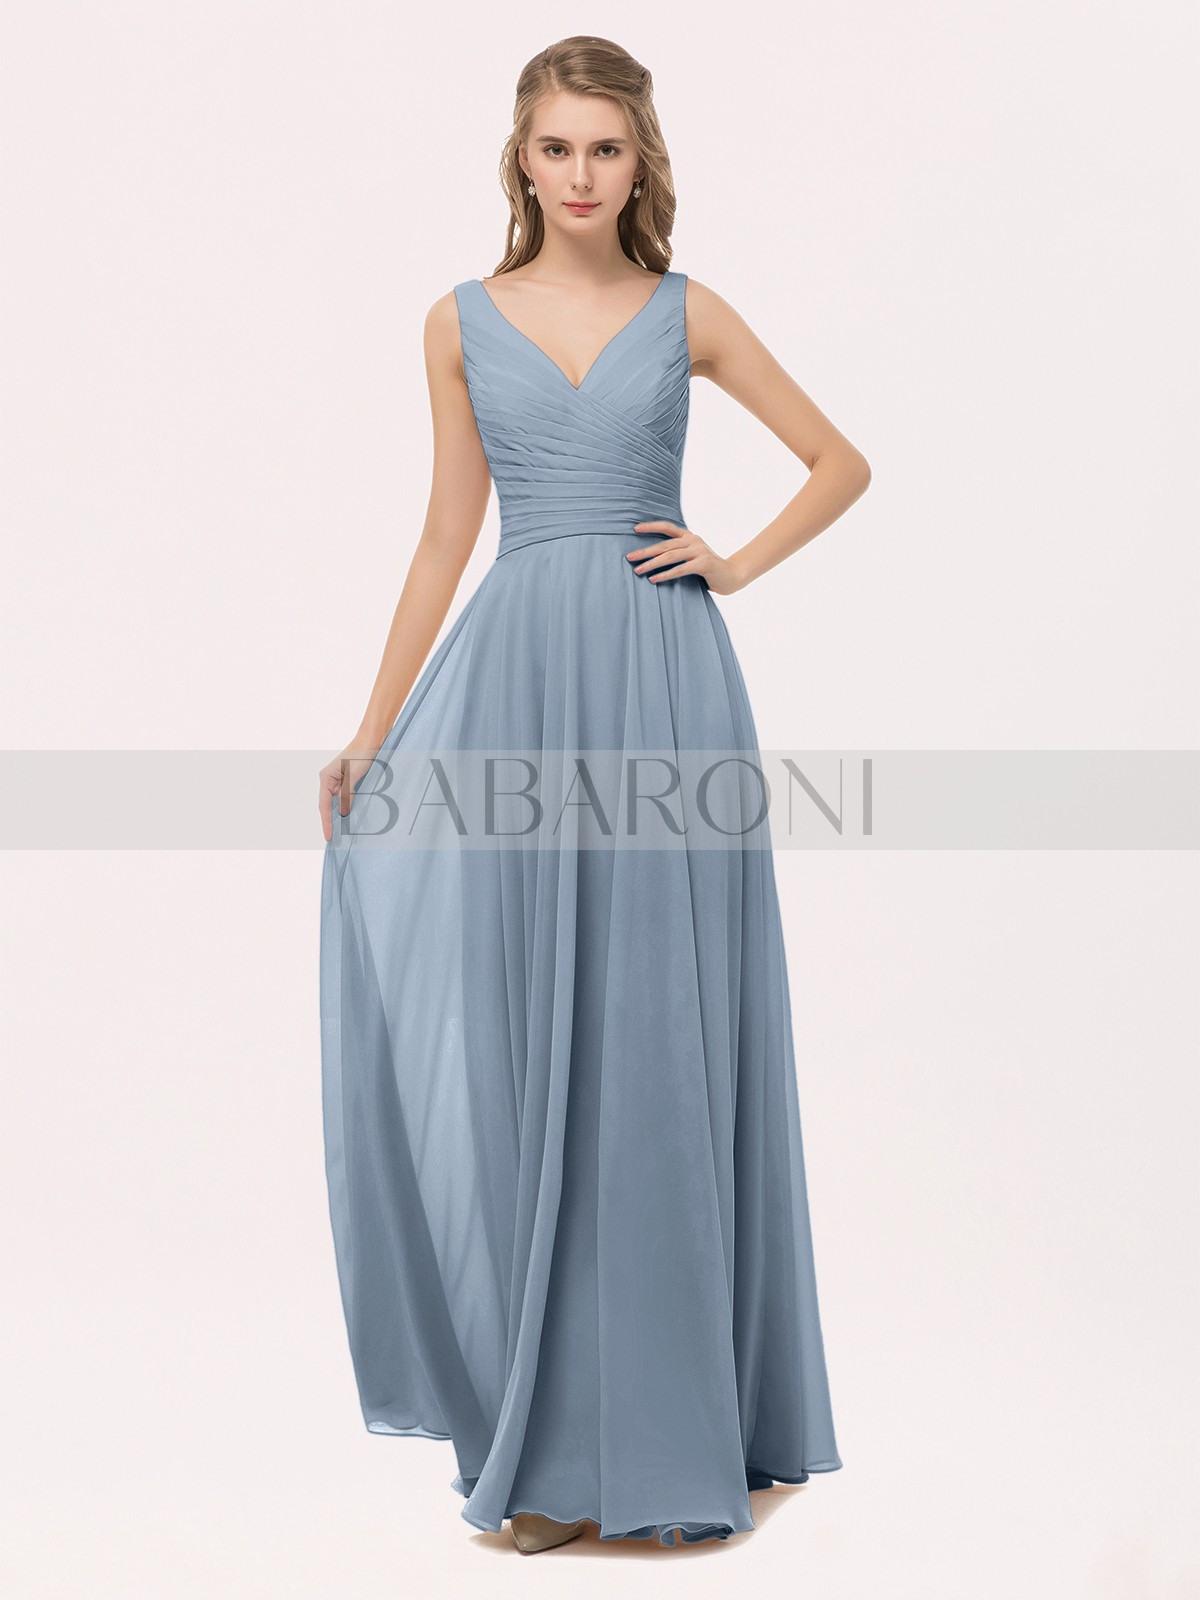 Designer Großartig Abendkleid Was Drüber Ziehen Stylish17 Fantastisch Abendkleid Was Drüber Ziehen Stylish